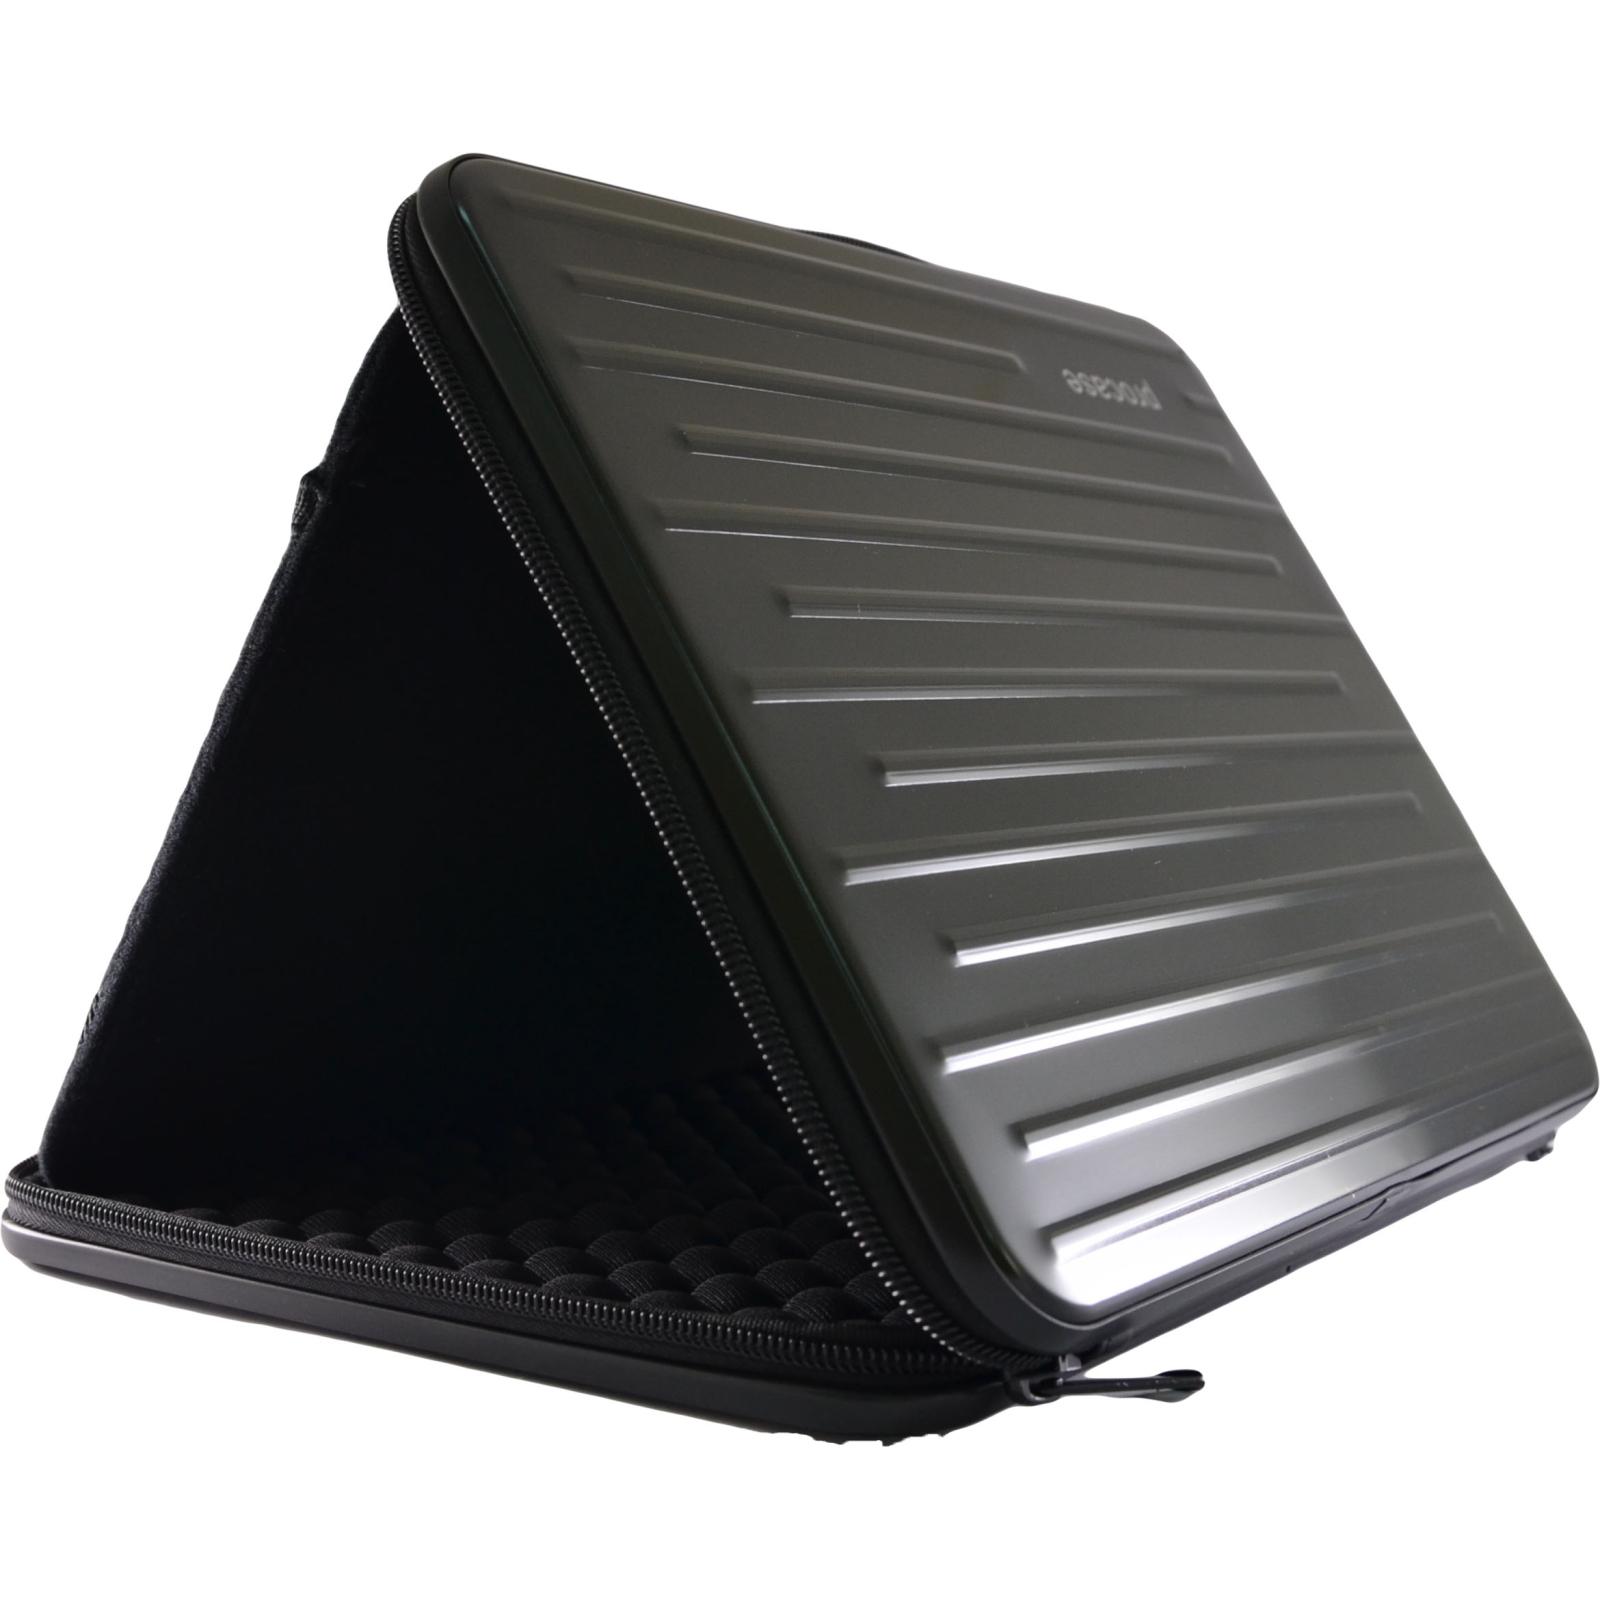 Чехол для планшета Pro-case Чохол планшету унiверсальний Pro-case Aluminum case 10,1'' b (UNS-024R1) изображение 3